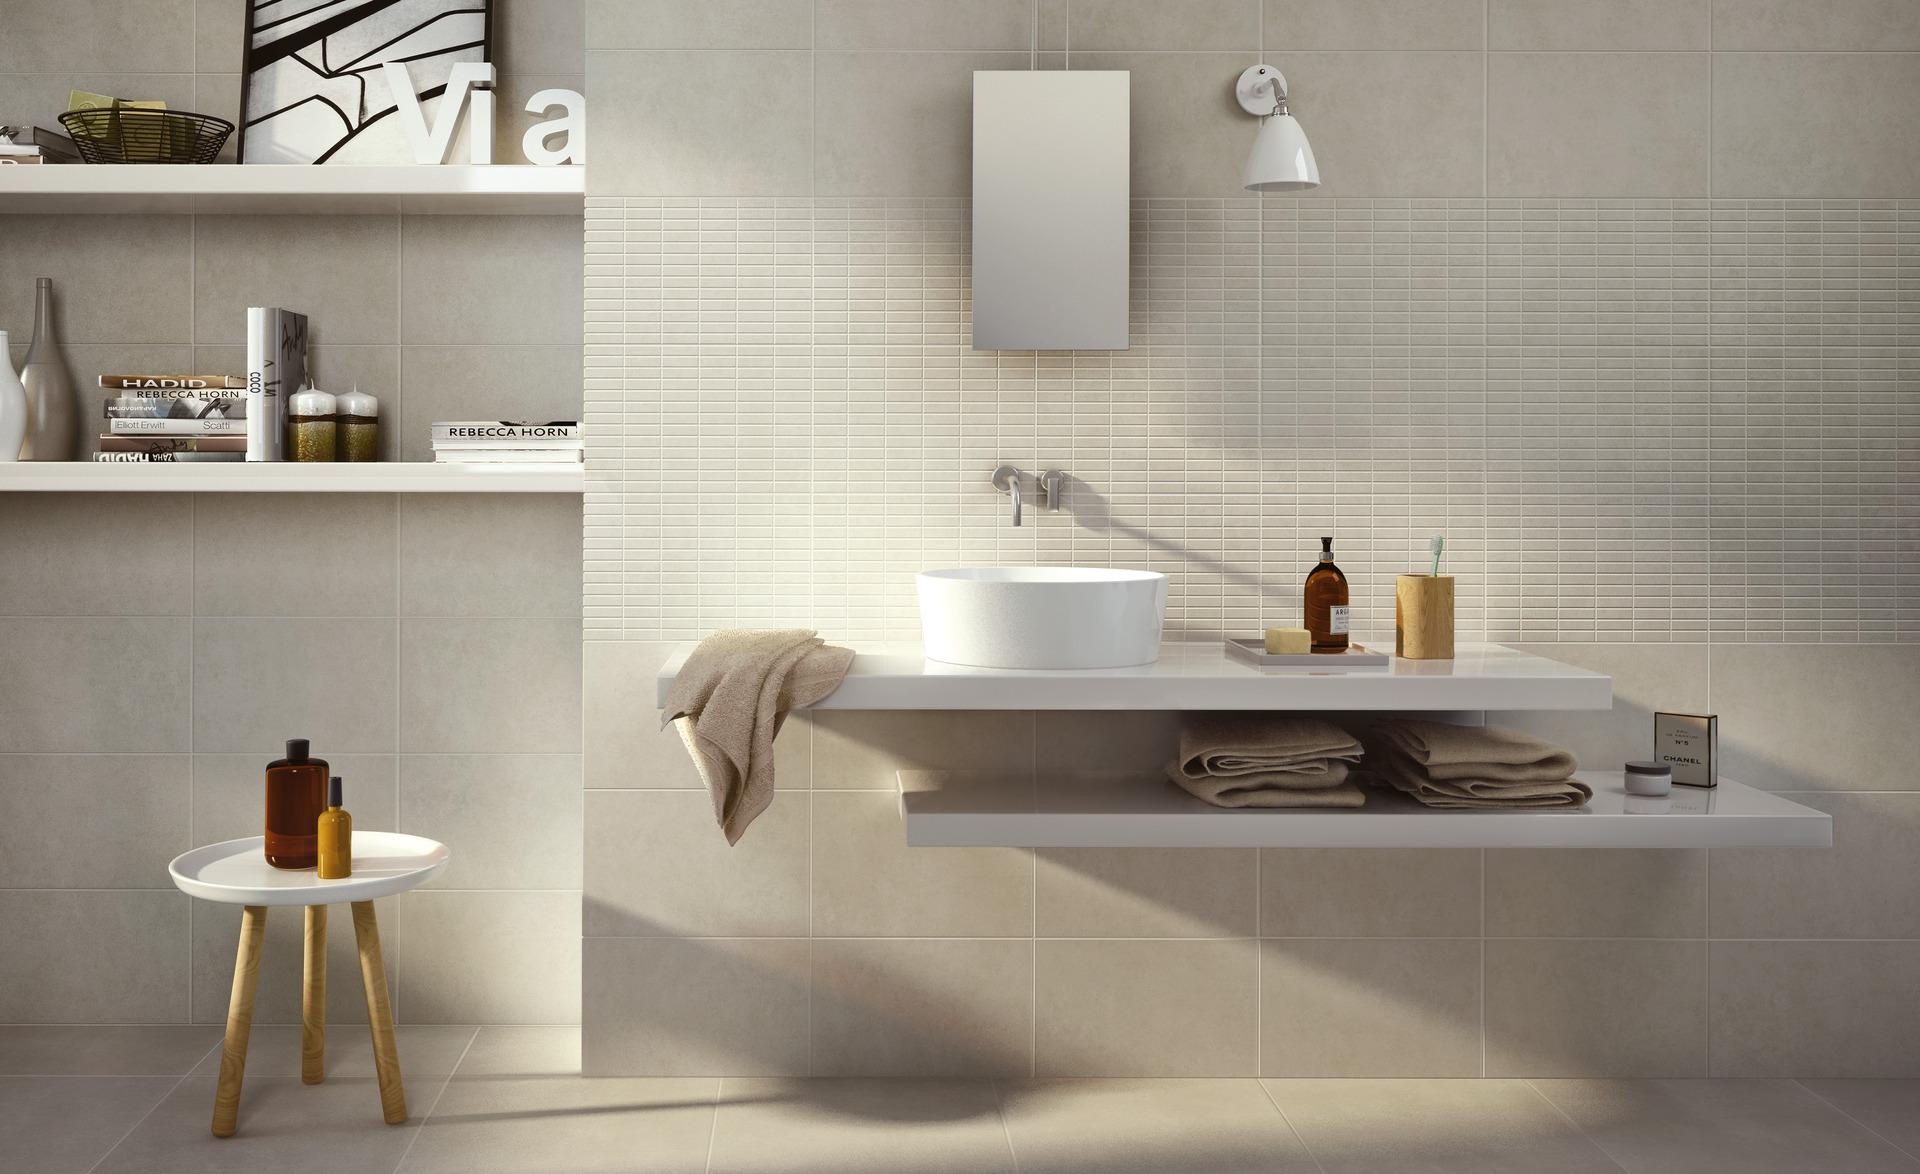 Collezione casablanca ceramica per bagno e cucina ragno - Piastrelle ragno catalogo ...